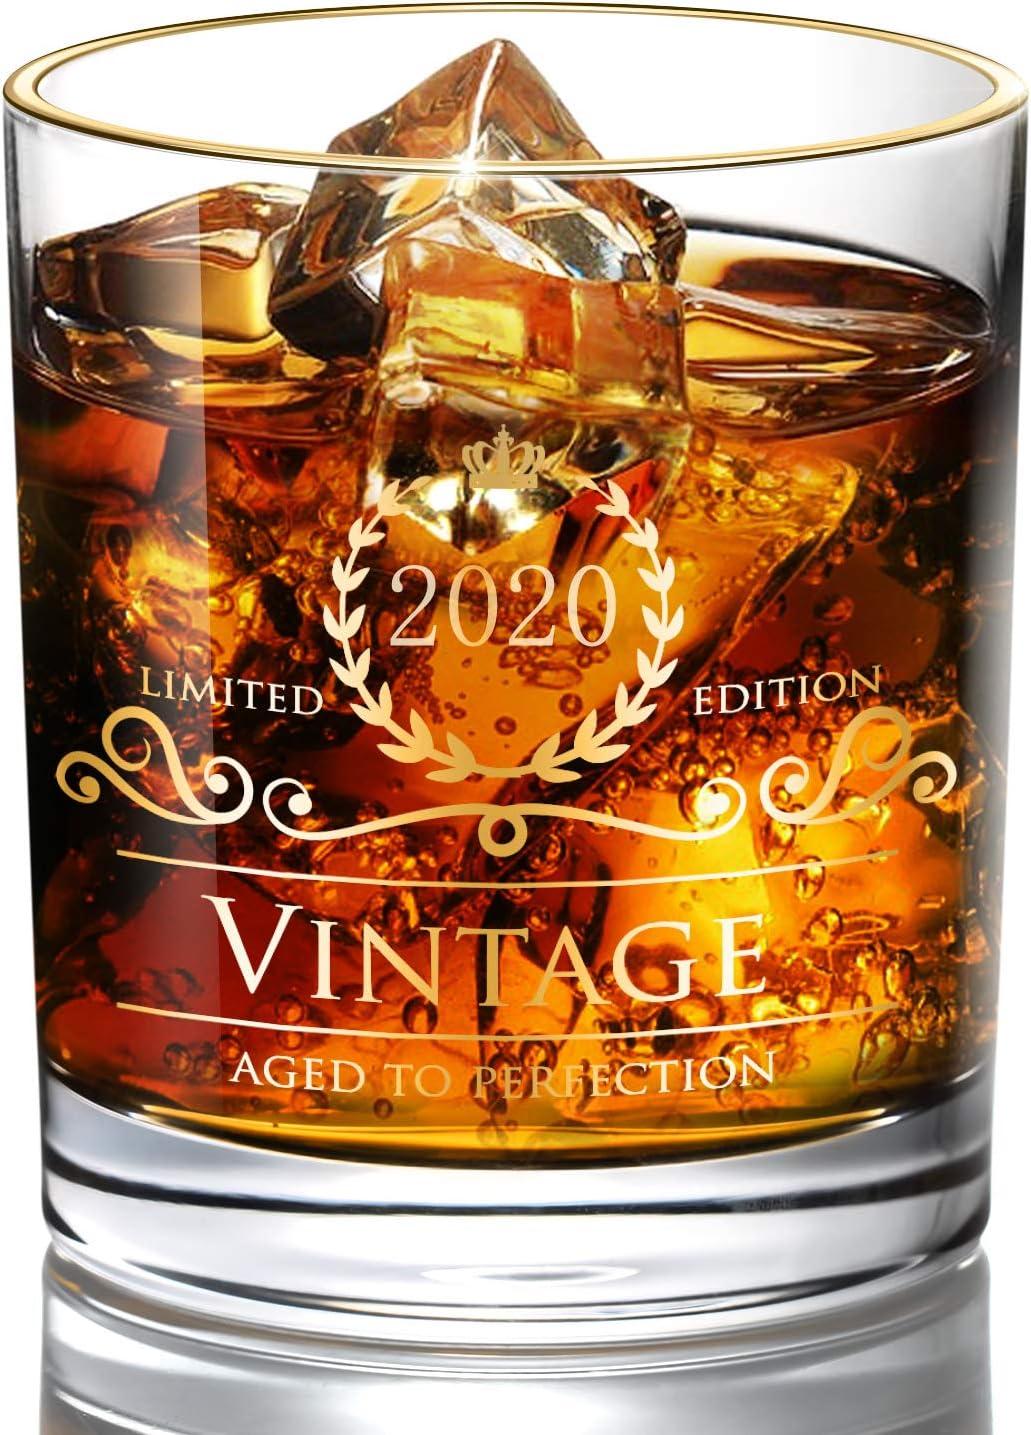 DesBerry 2020 Aniversarios Regalos Whisky Vasos, Tumbler Vidrio Whiskyglas whiskybecher Cristal con Impreso año 2020 Männergeschenke Geburtstagsgeschenke